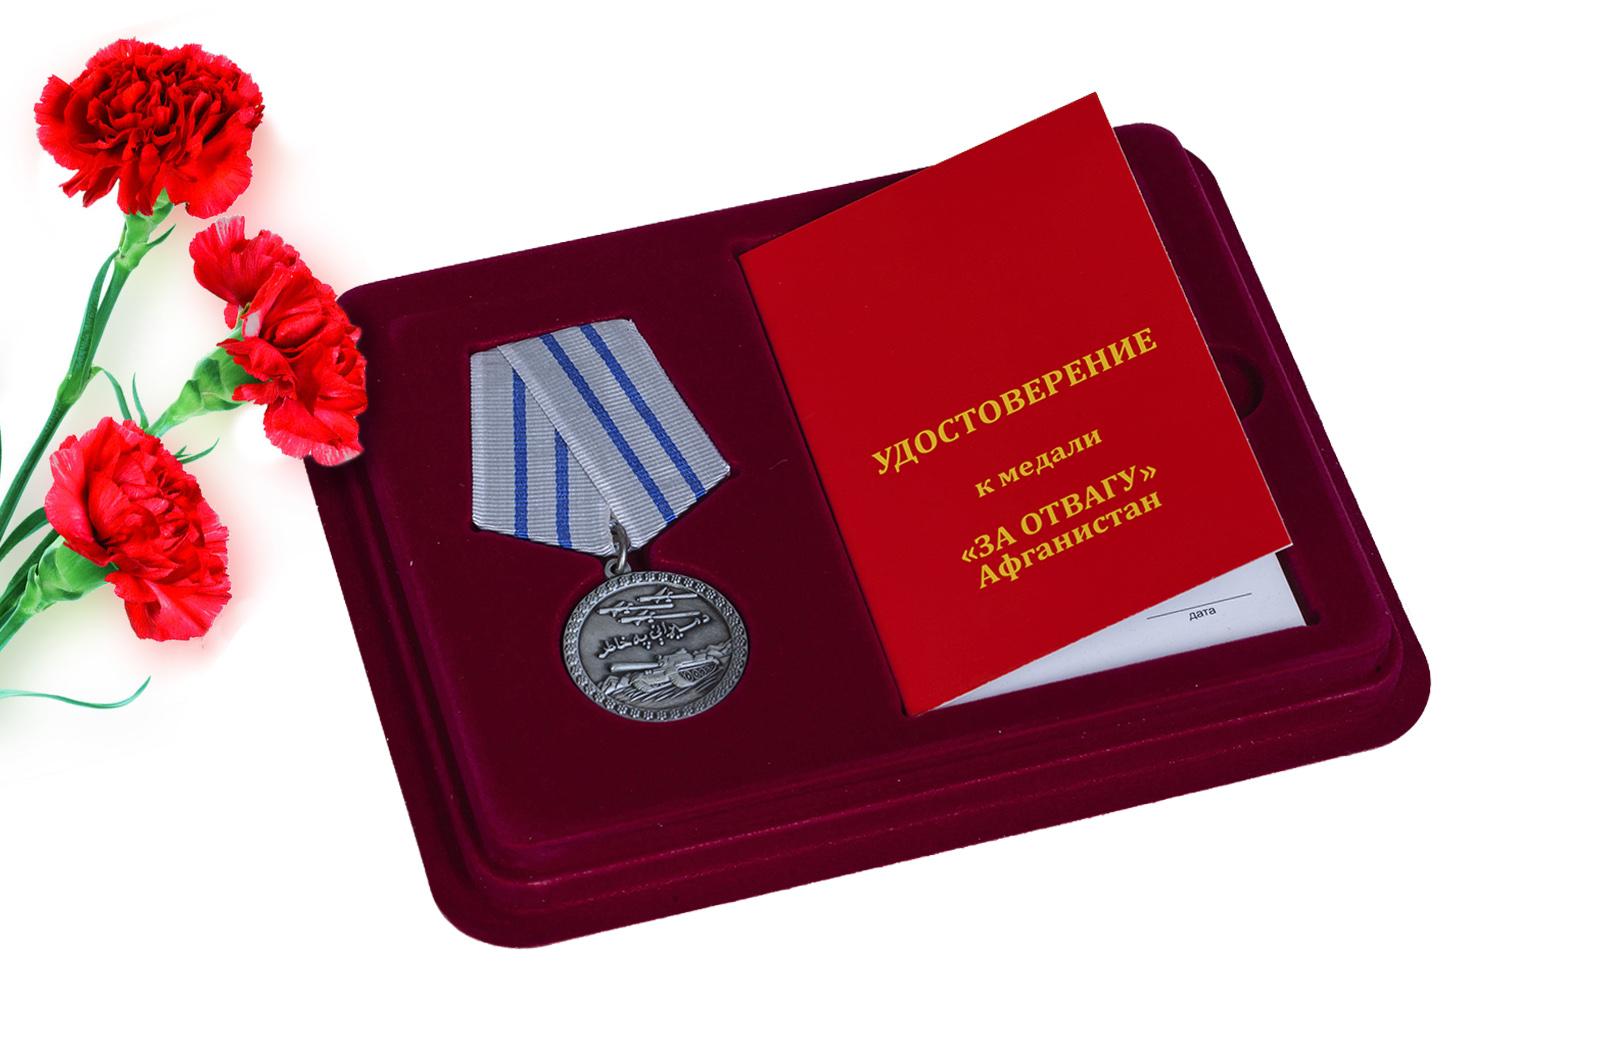 Купить медаль Афганистан За отвагу оптом или в розницу